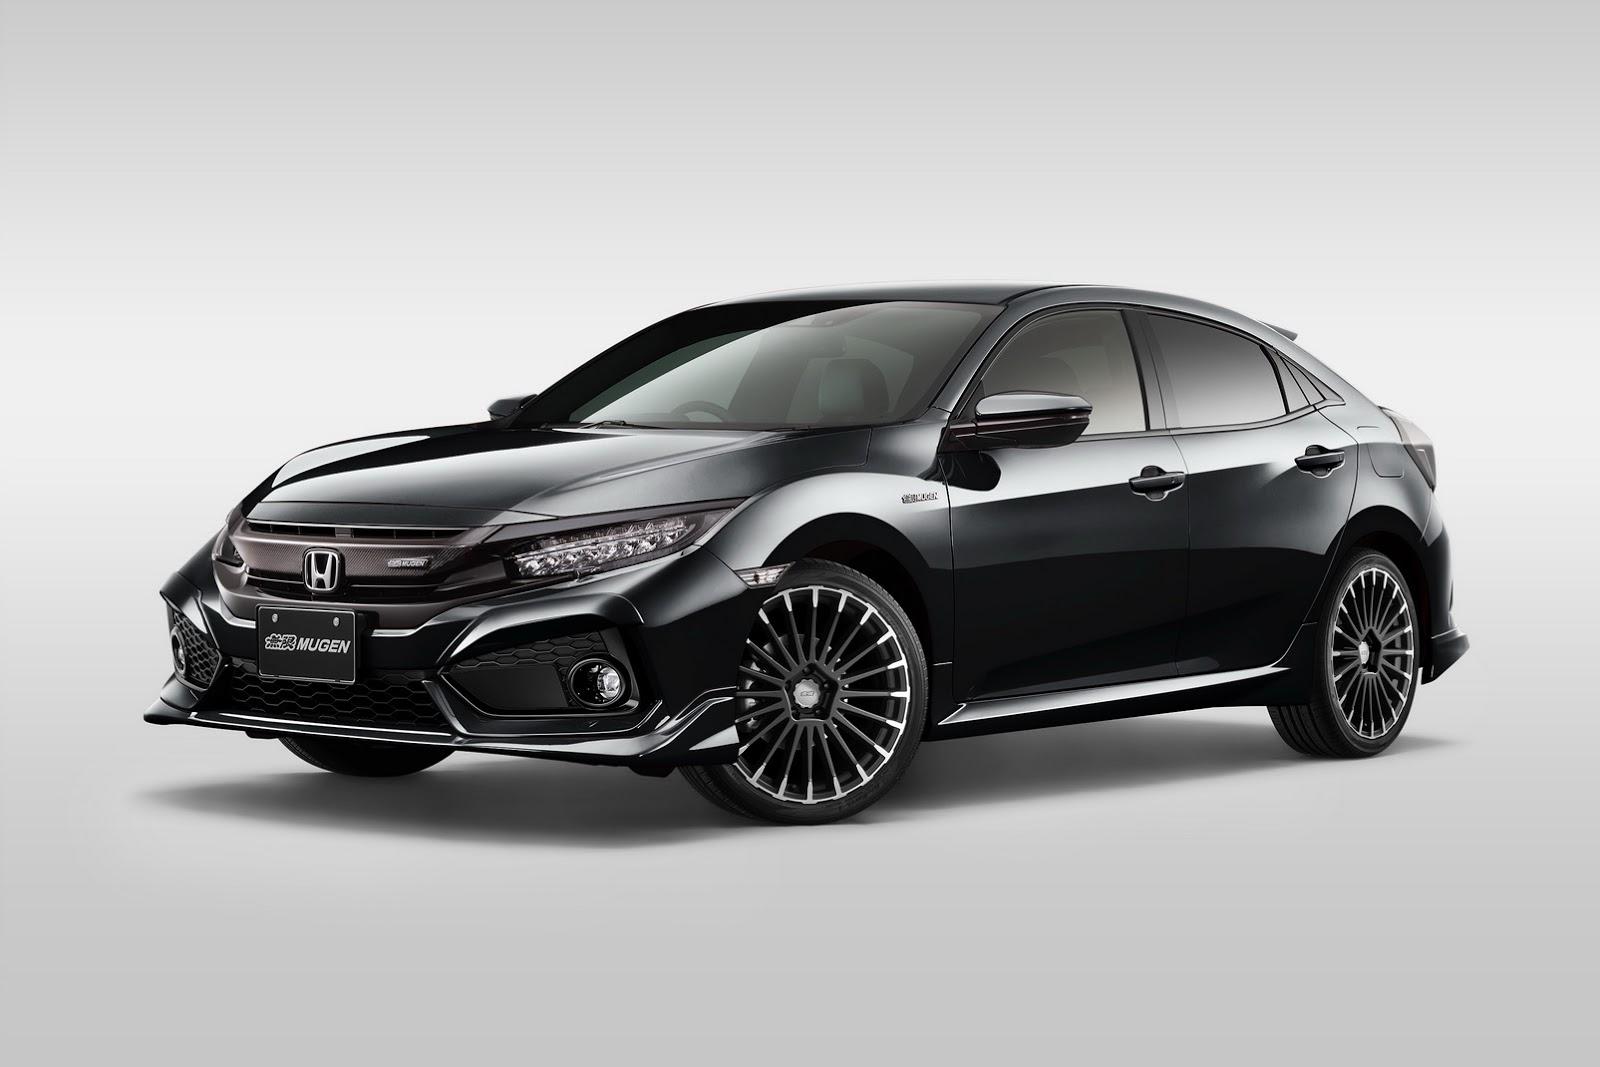 Honda_Civic_by_Mugen_0009